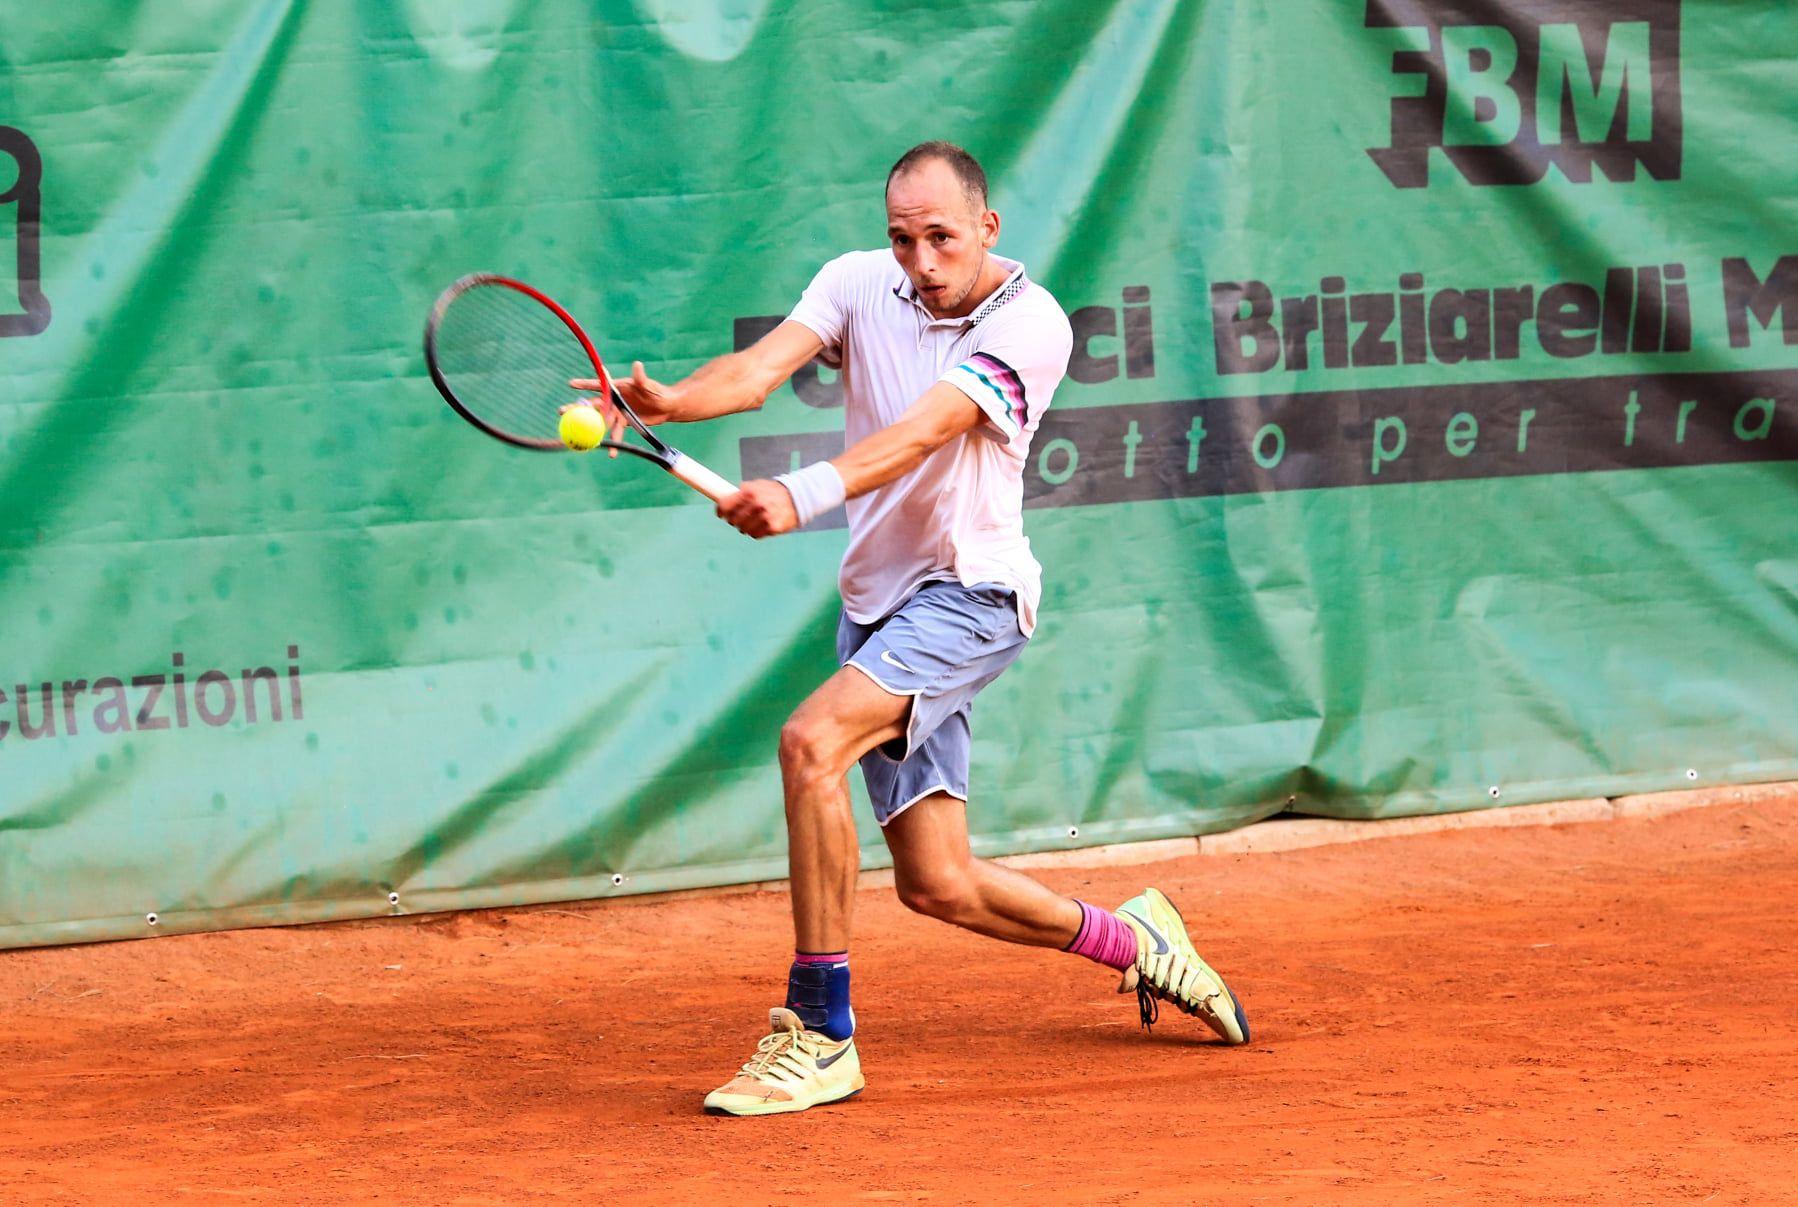 Allo Junior Tennis Perugia la prima testa di serie supera Burruchaga junior, il riccionese sconfigge la seconda testa di serie Galarza